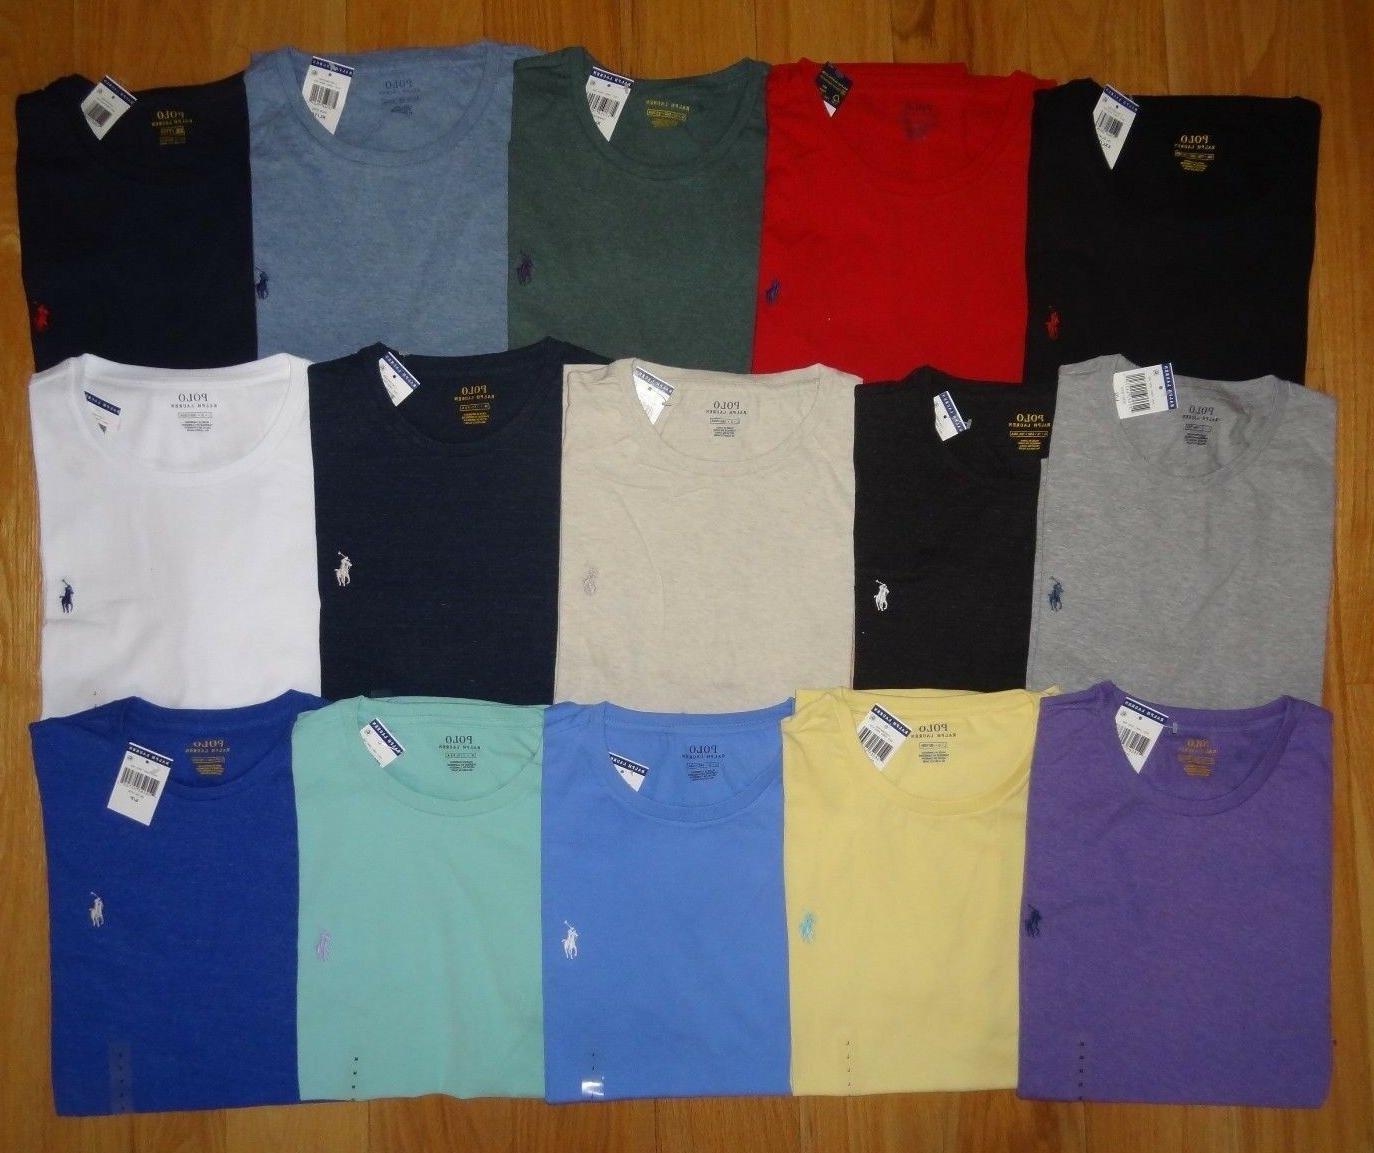 Polo Ralph Lauren Mens T Shirt Brand With CREW NECK Tee M XL XXL